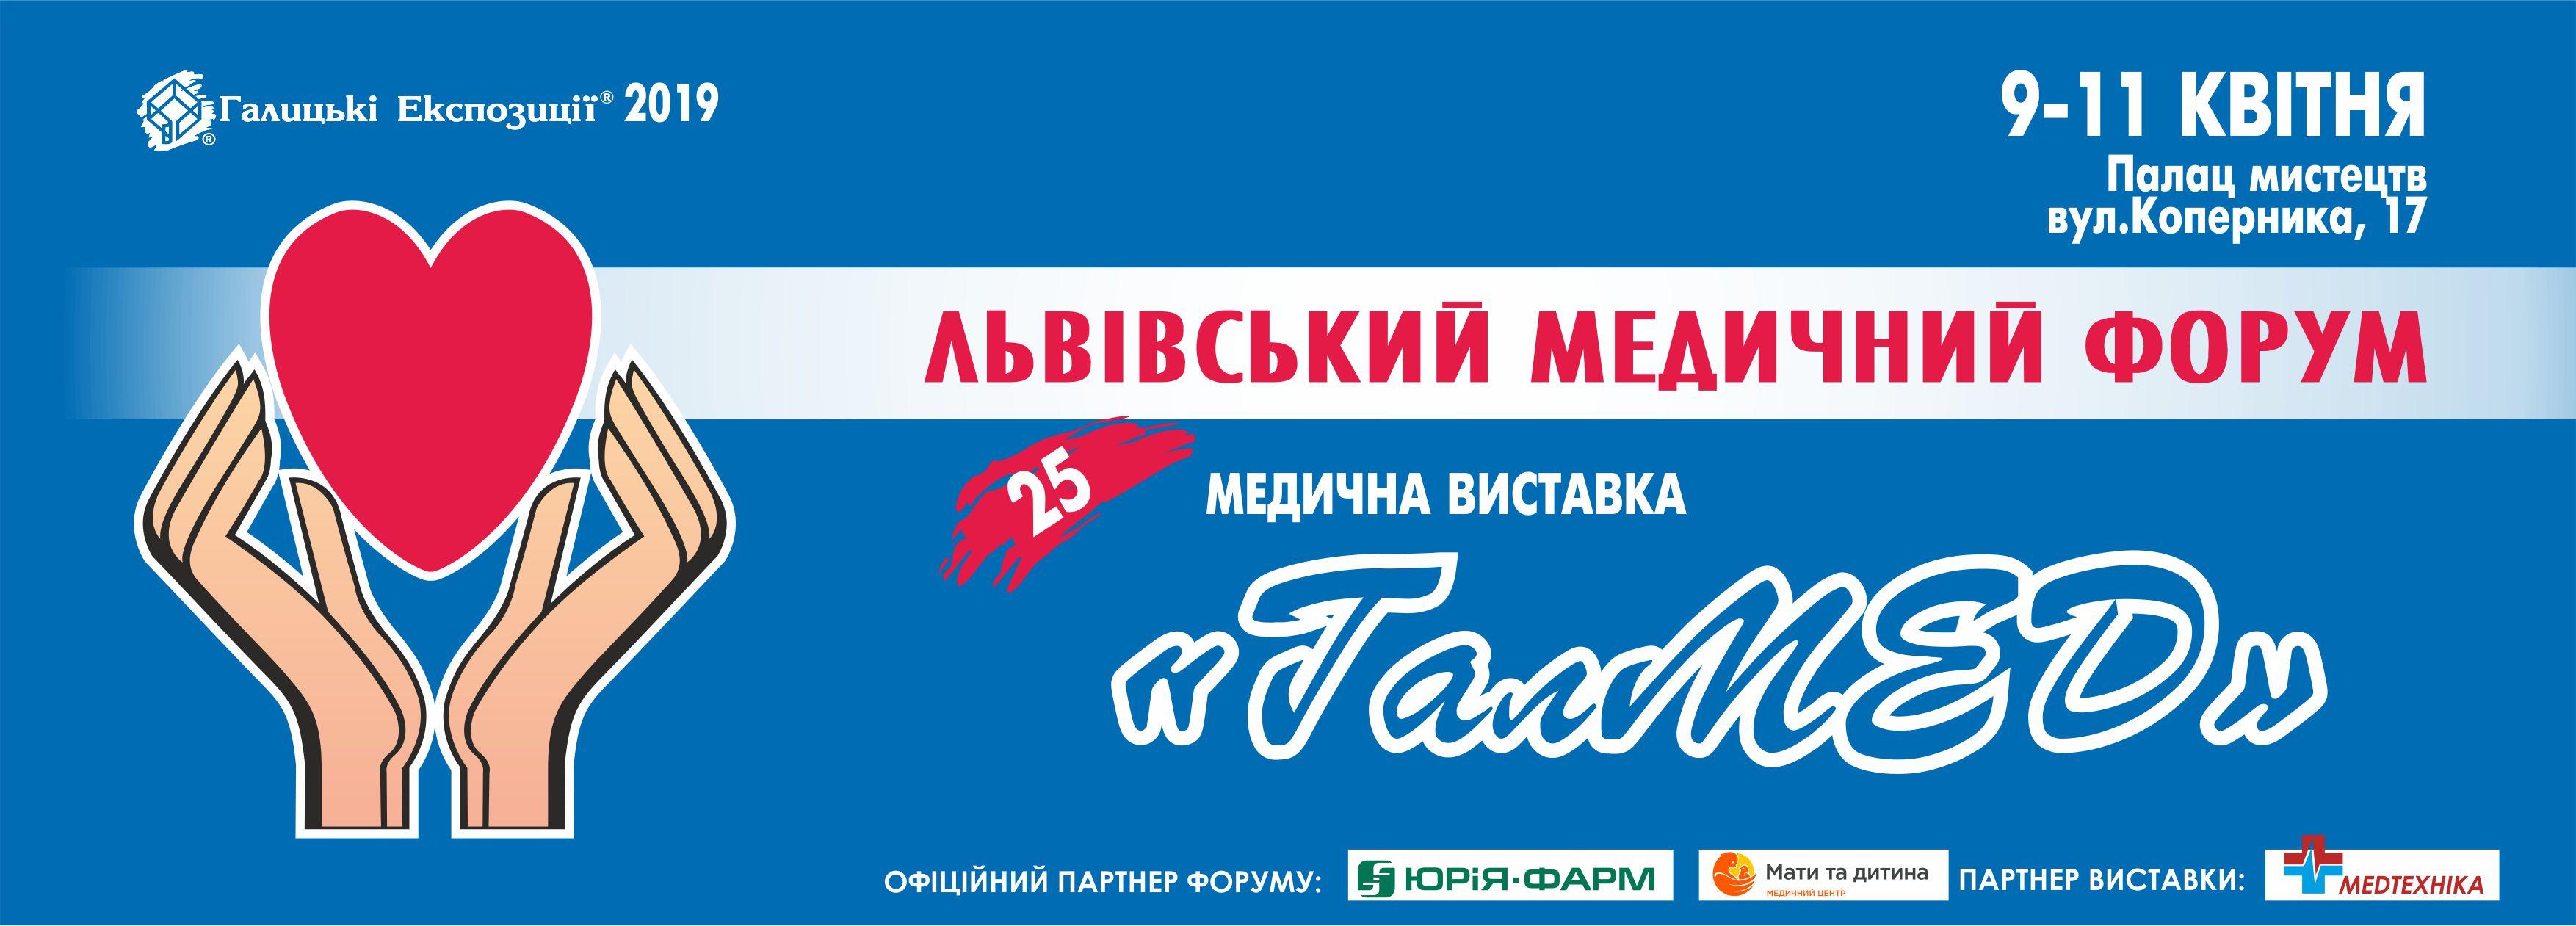 Медична виставка у Львові